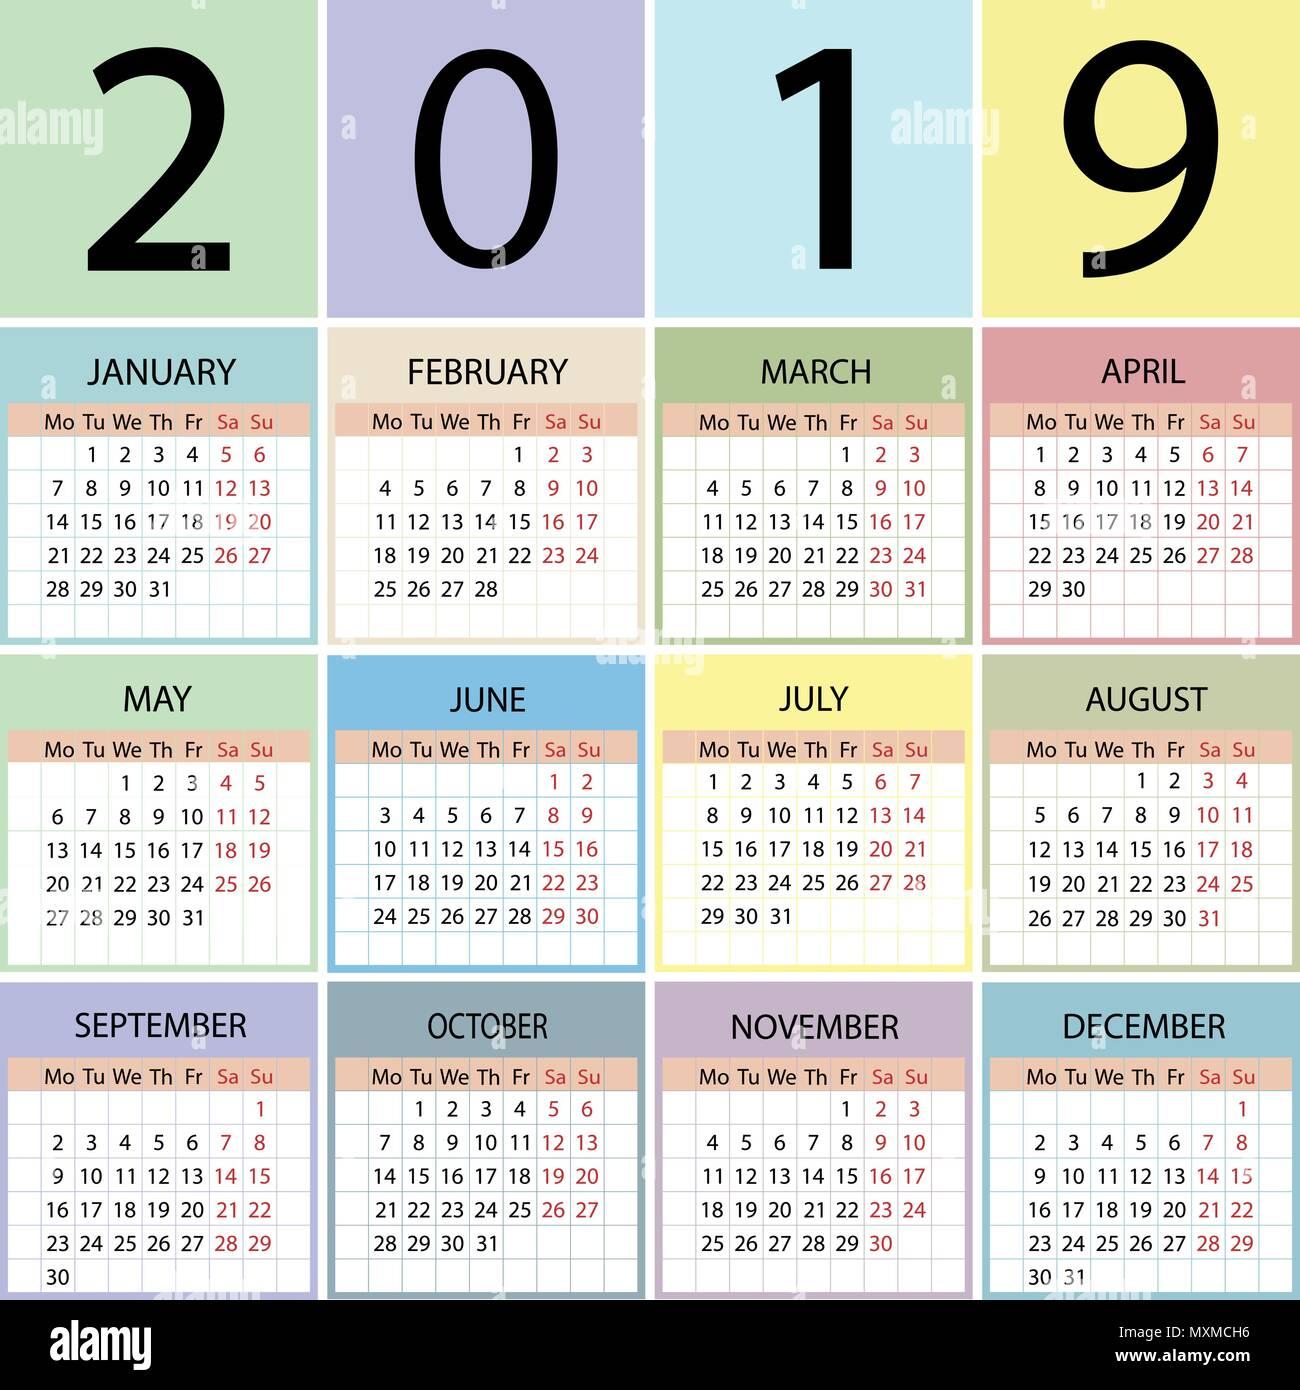 Calendario 2019 Week Number.July 2019 Calendar Stock Photos July 2019 Calendar Stock